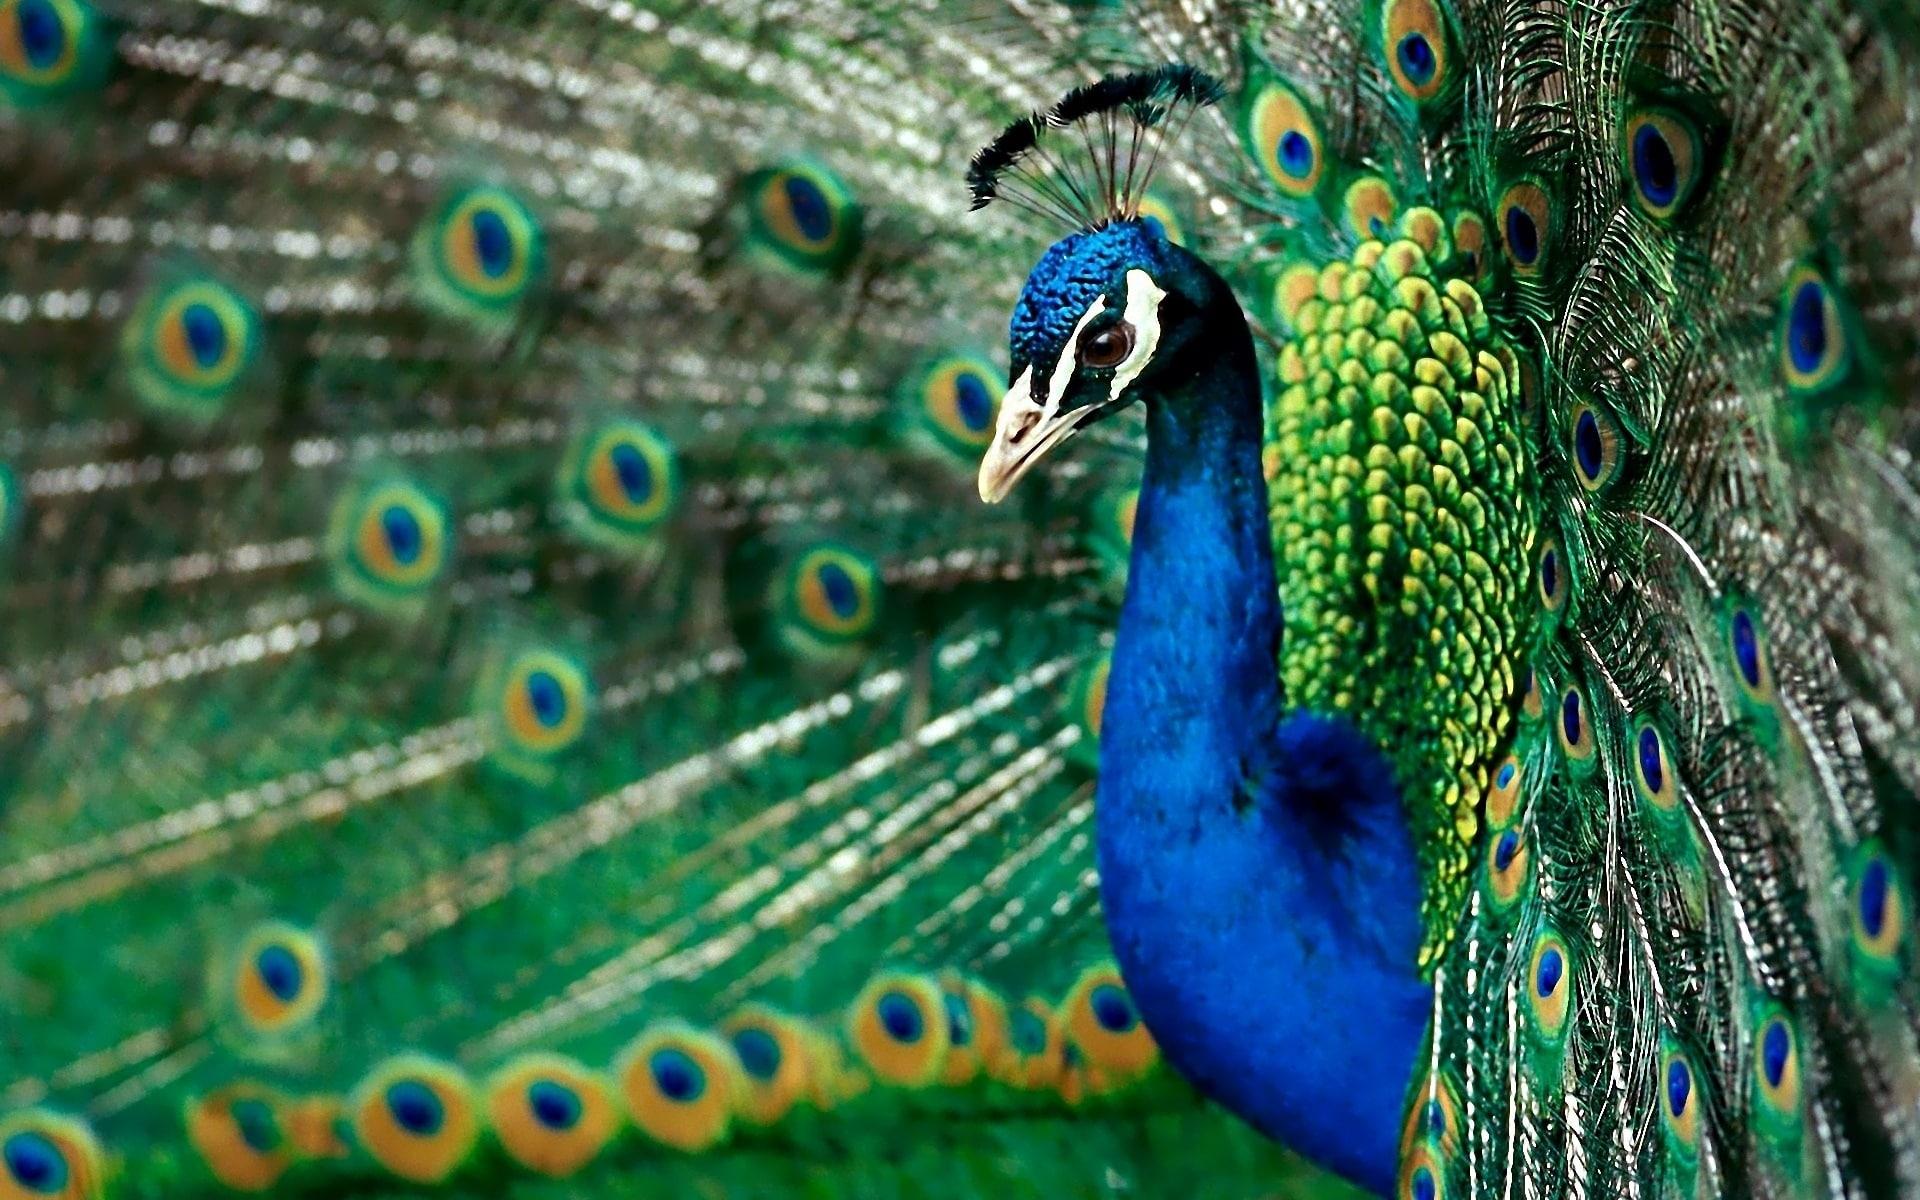 Peacock Widescreen for desktop